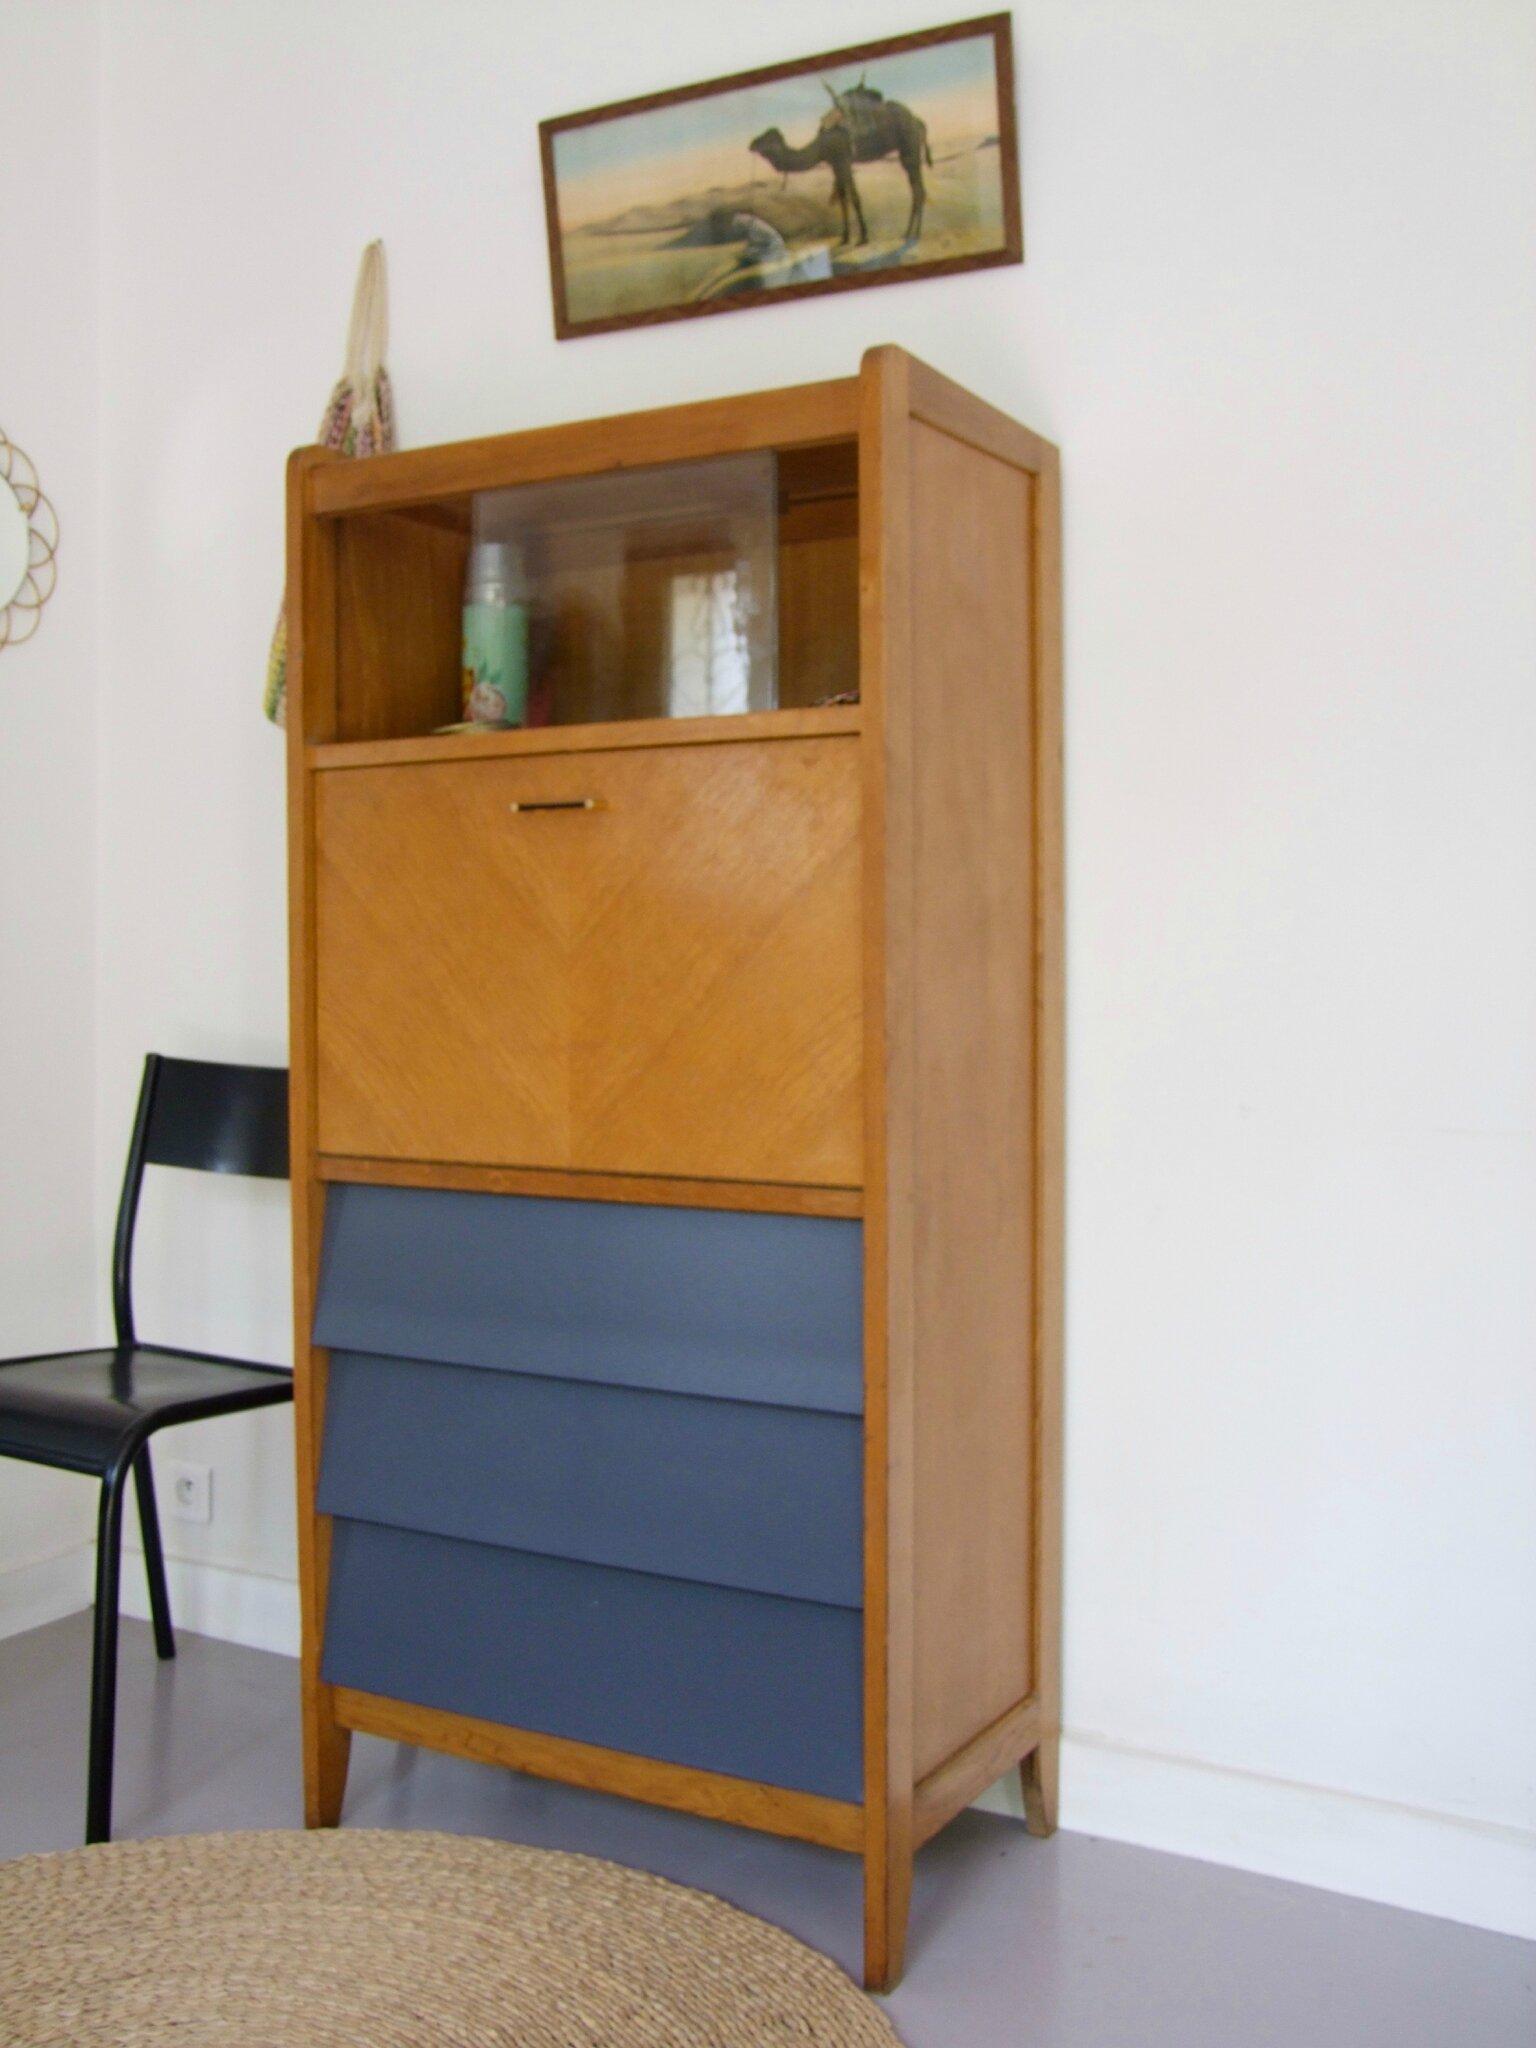 bureaux secretaires meubles vintage pataluna chin s d nich s et d lur s. Black Bedroom Furniture Sets. Home Design Ideas